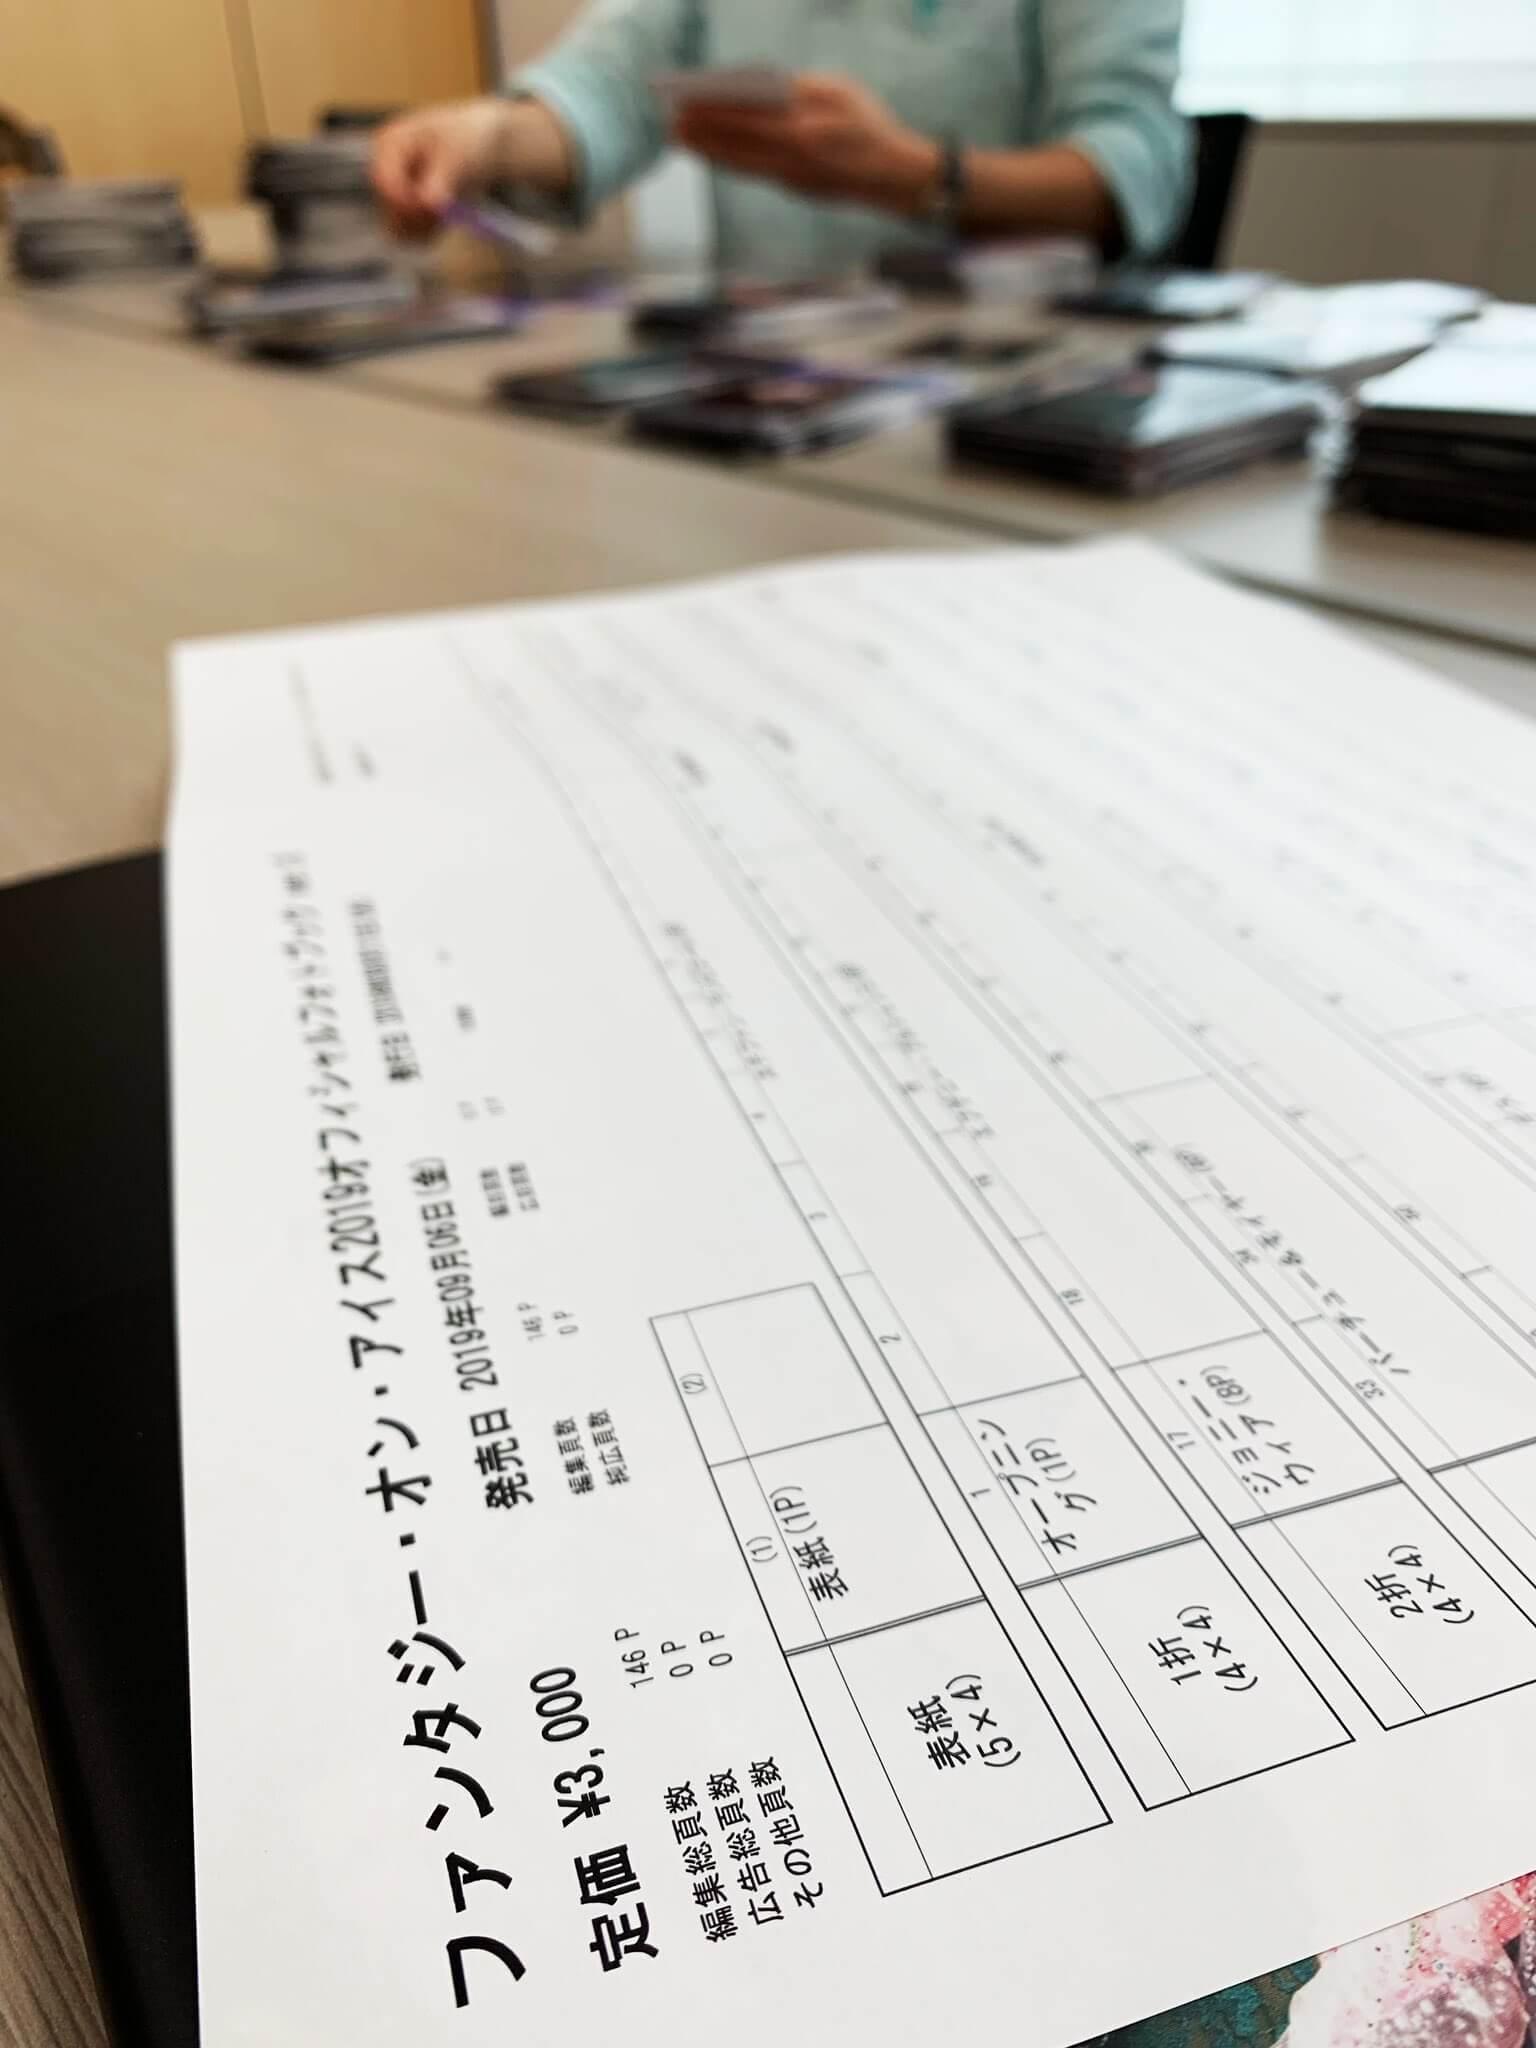 ファンタジーオンアイス2019 フォトブック 2000枚超える写真から選定中!!